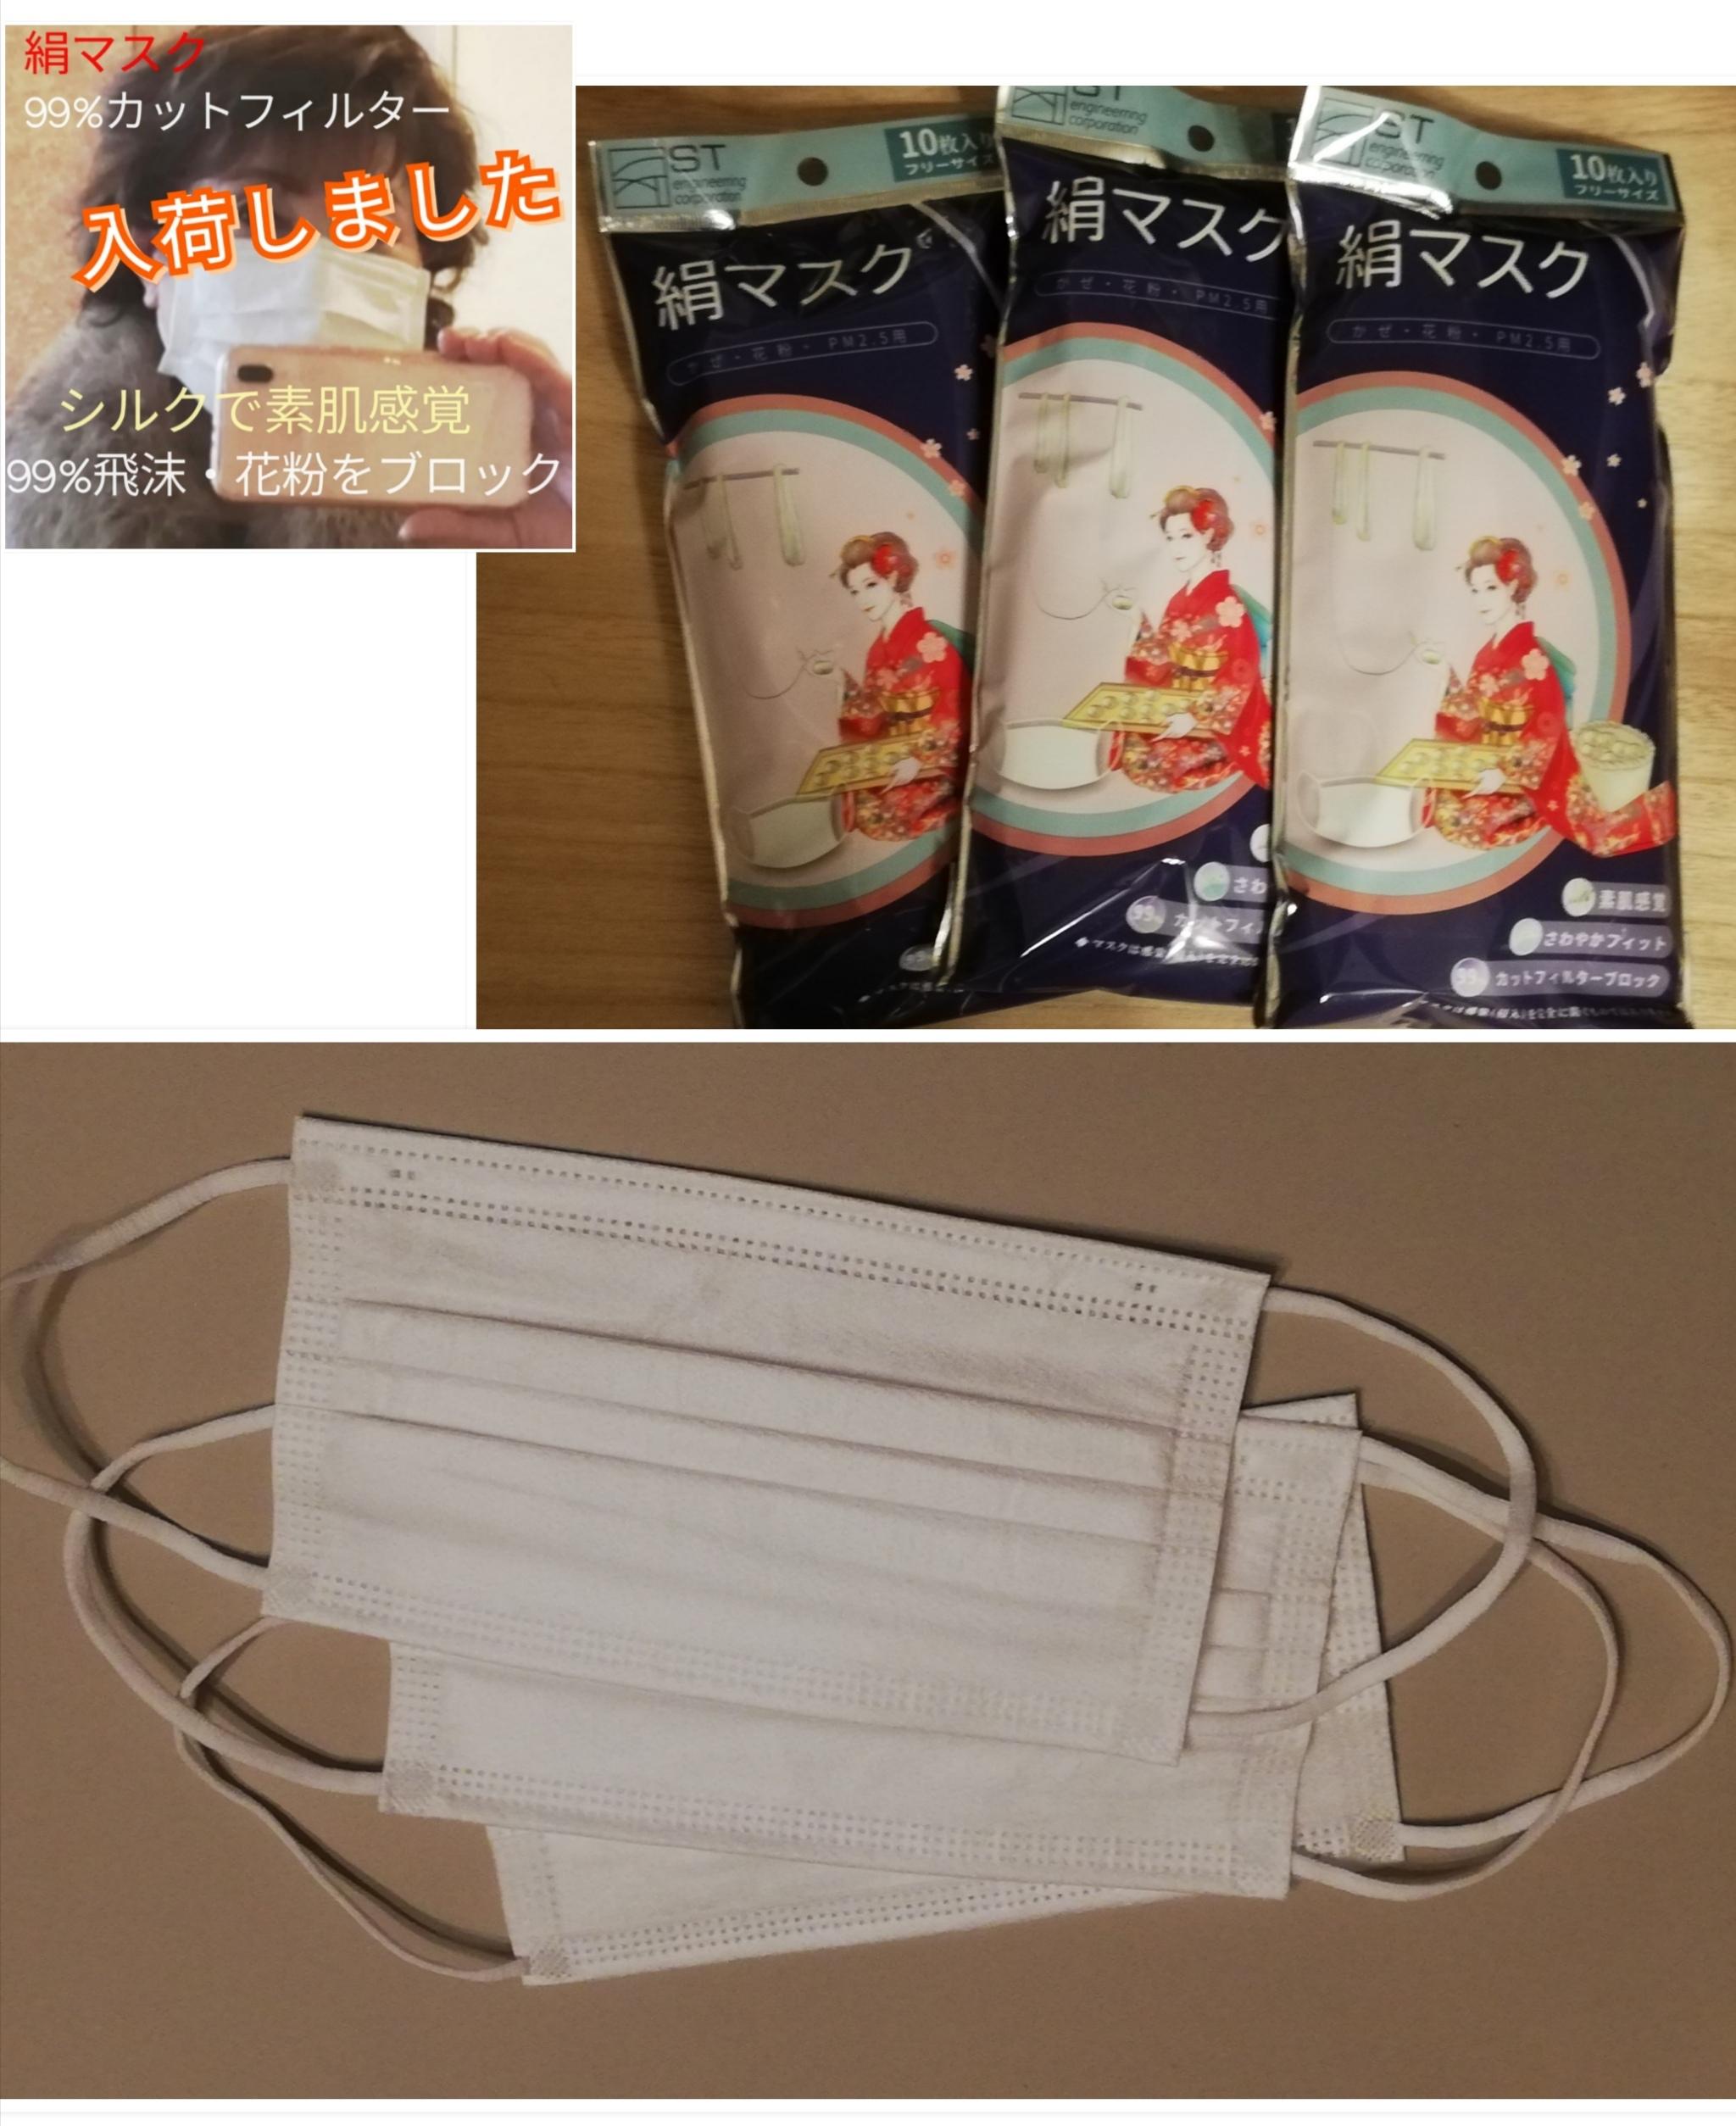 絹マスク.50枚♗ウイルス99%カット.不織布(外)+シルク(内)で素肌感覚を持続